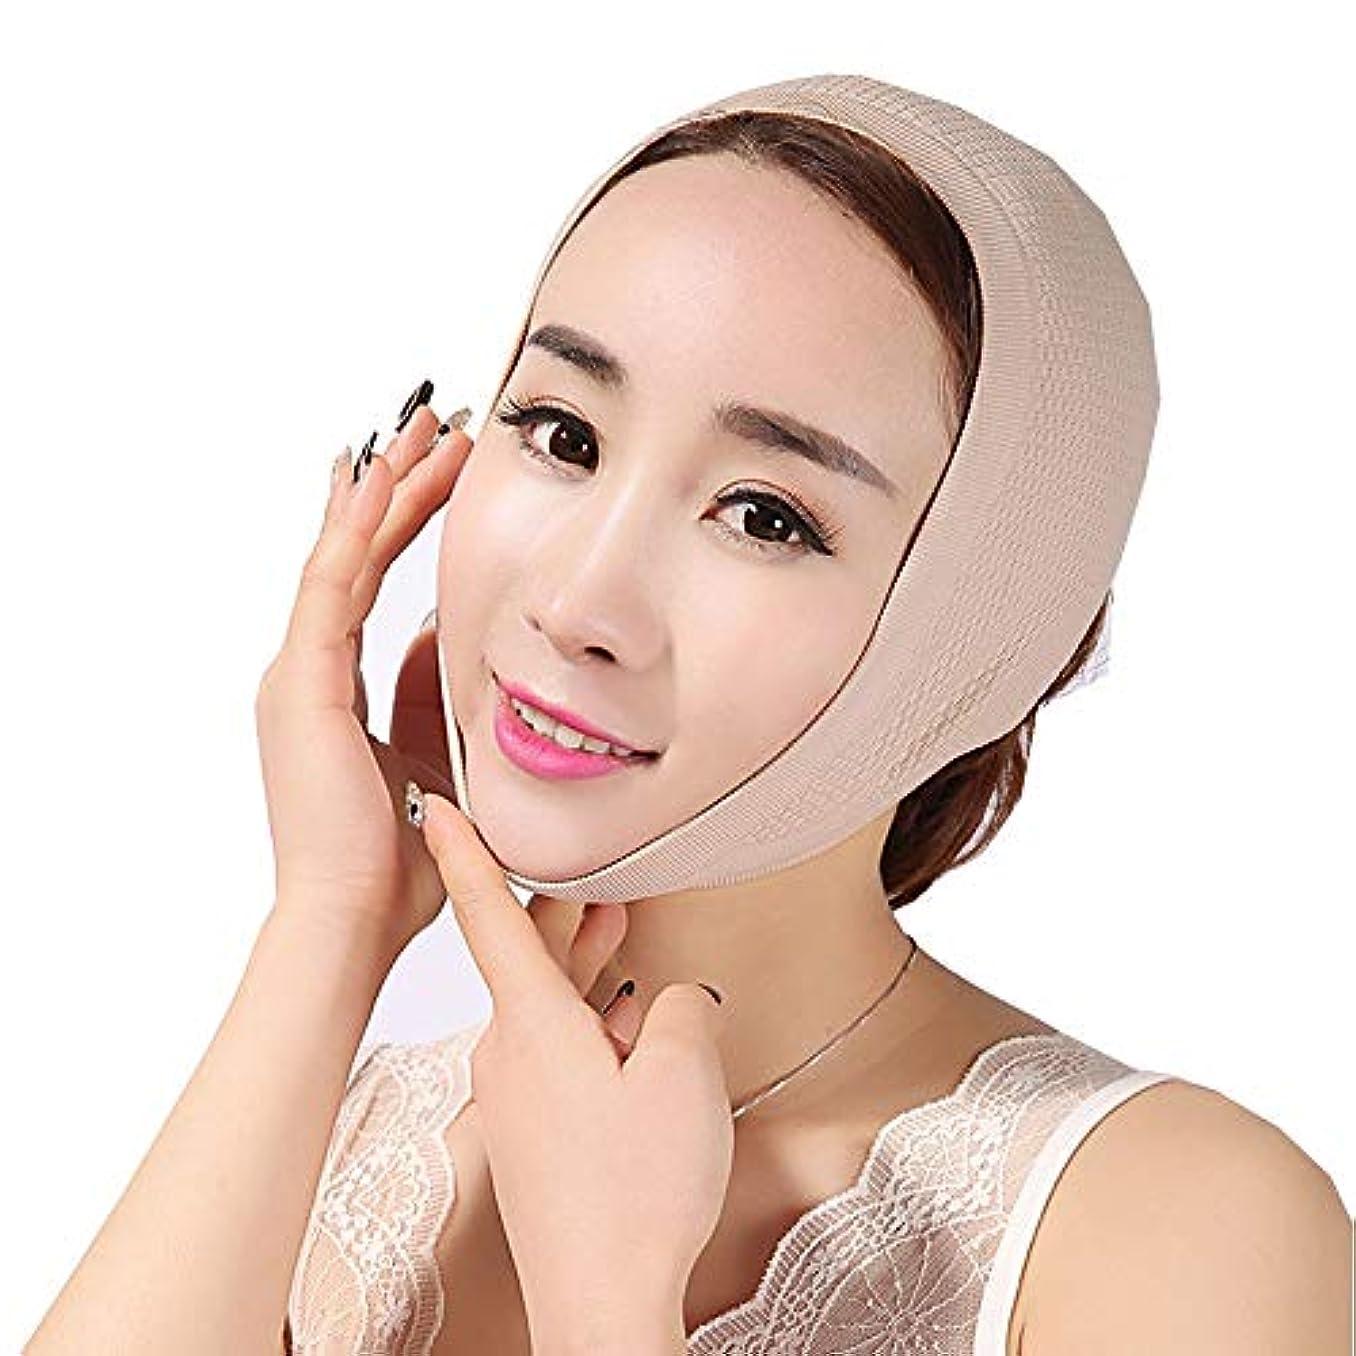 不毛の進捗謝罪するGYZ フェイスマスクで眠る薄い顔フェイスリフトフェイスリフトアーティファクトスモールフェイスVフェイスリフト付きフェイスフェイス包帯引き上げジョーセット Thin Face Belt